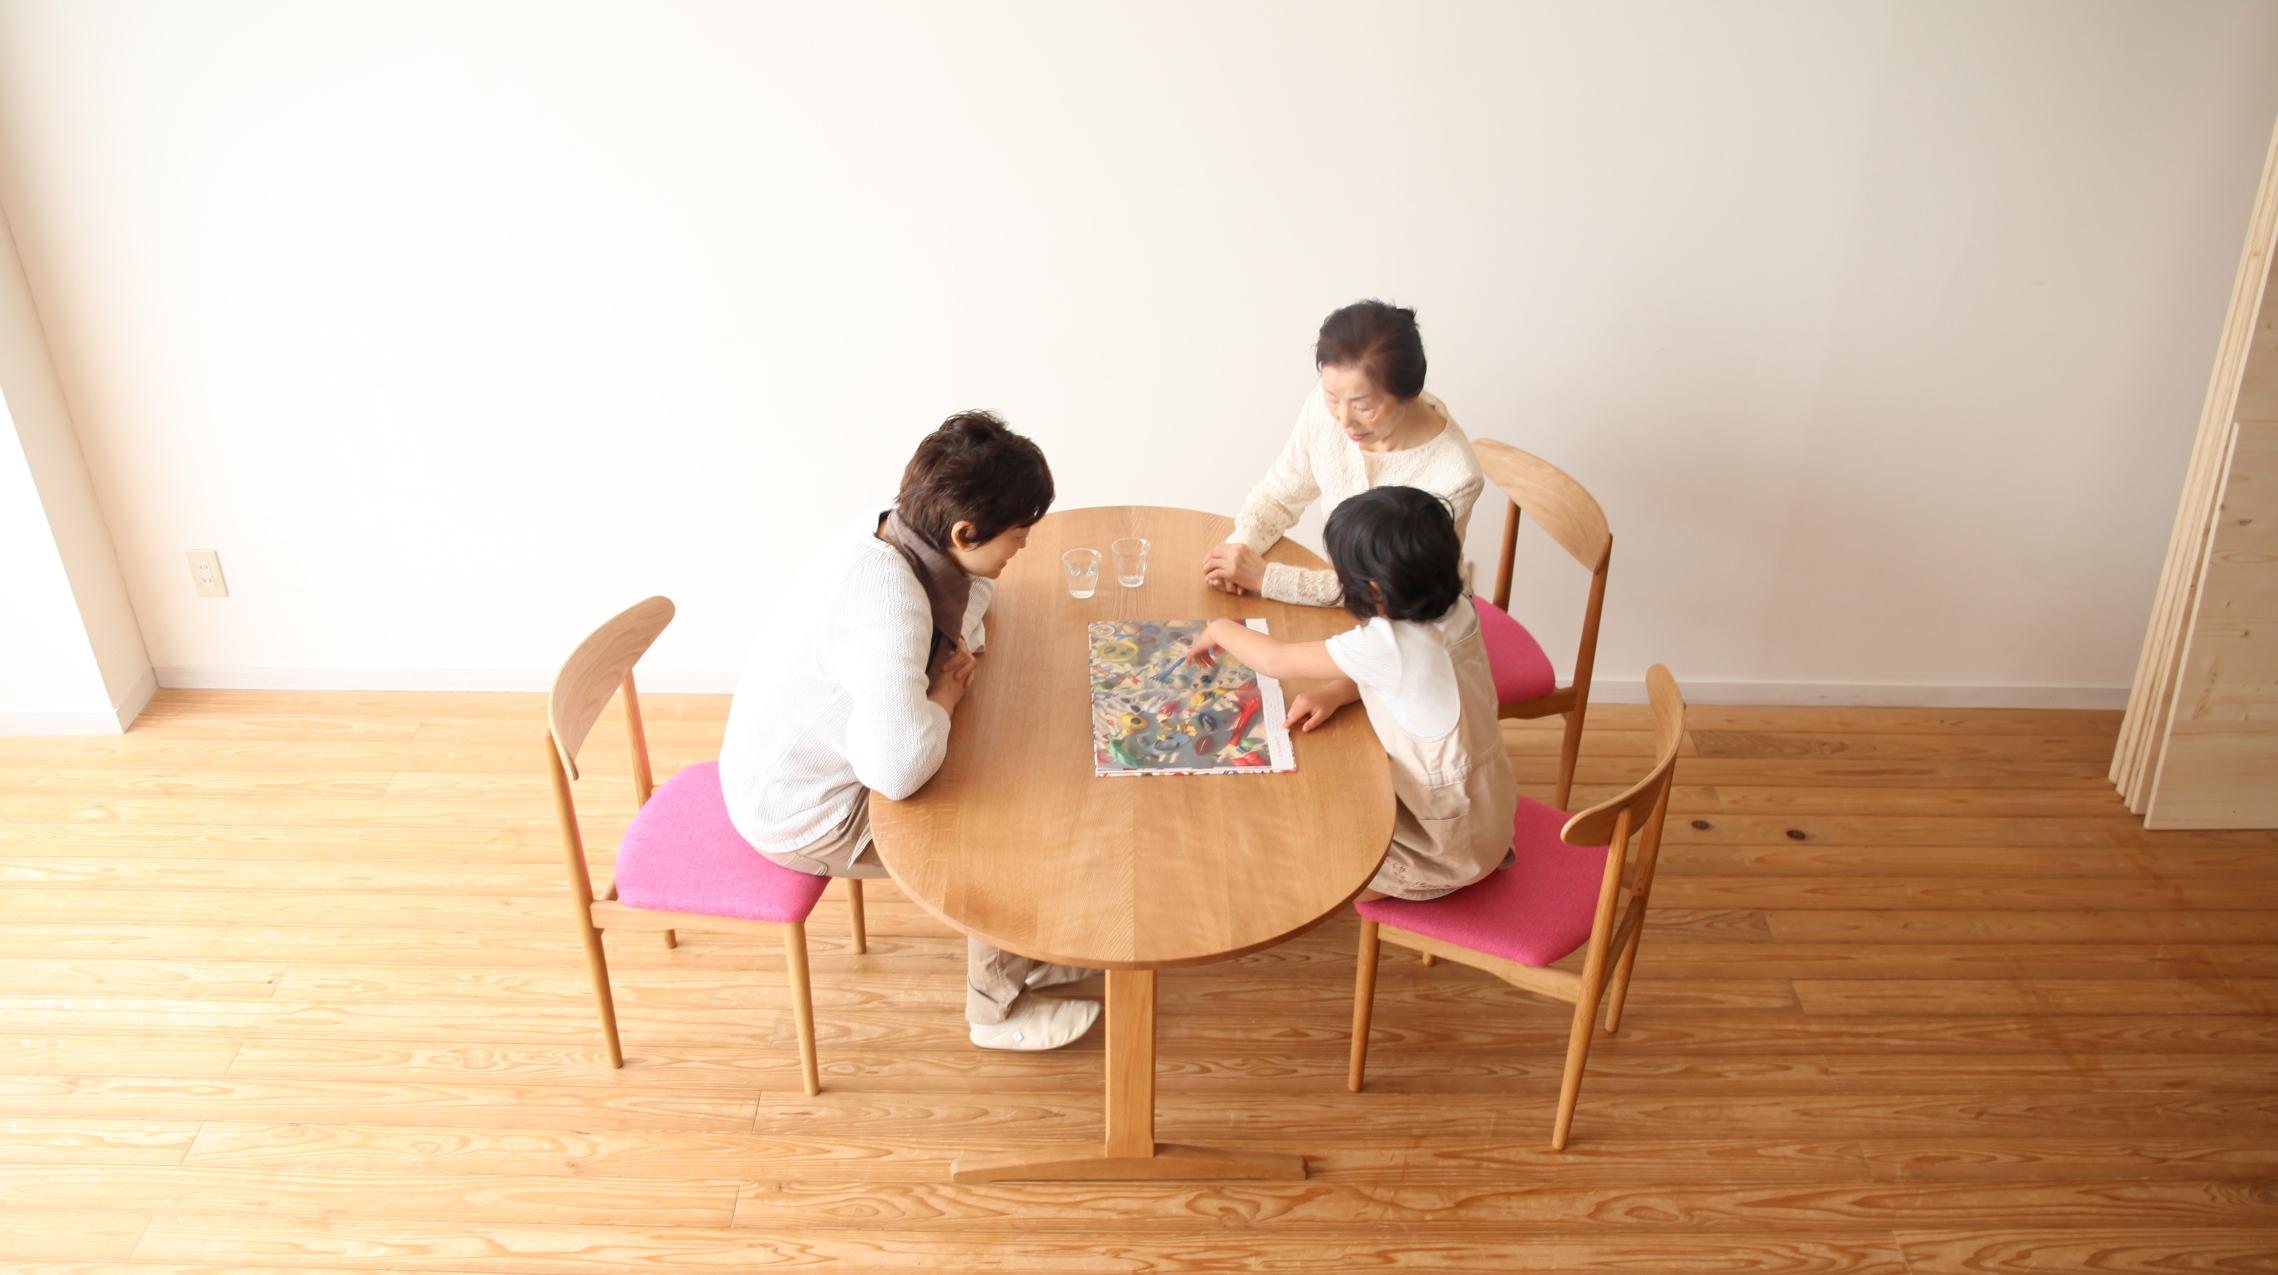 一台のテーブルからはじまる物語